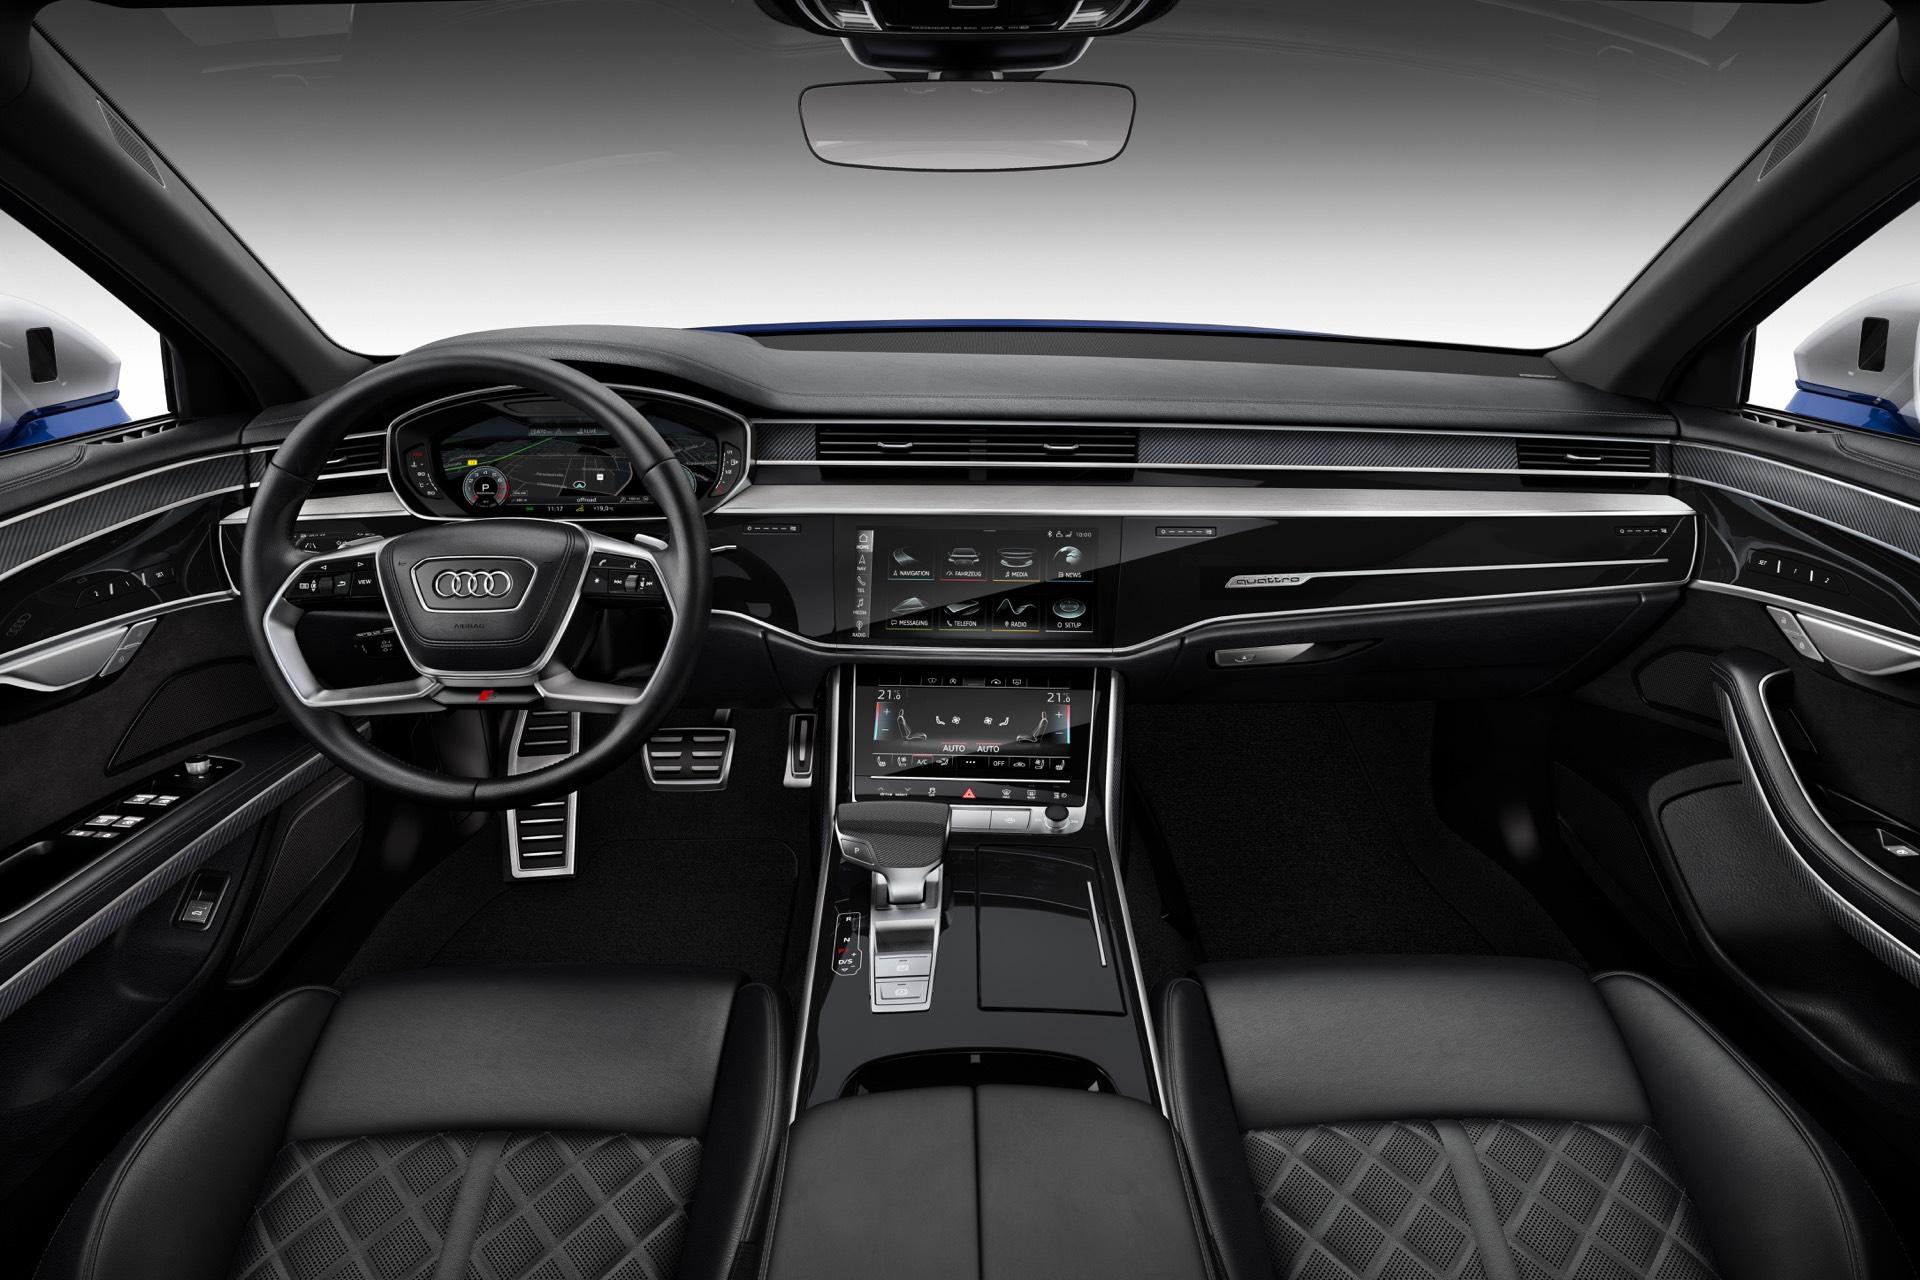 2020 Audi S8 Interior